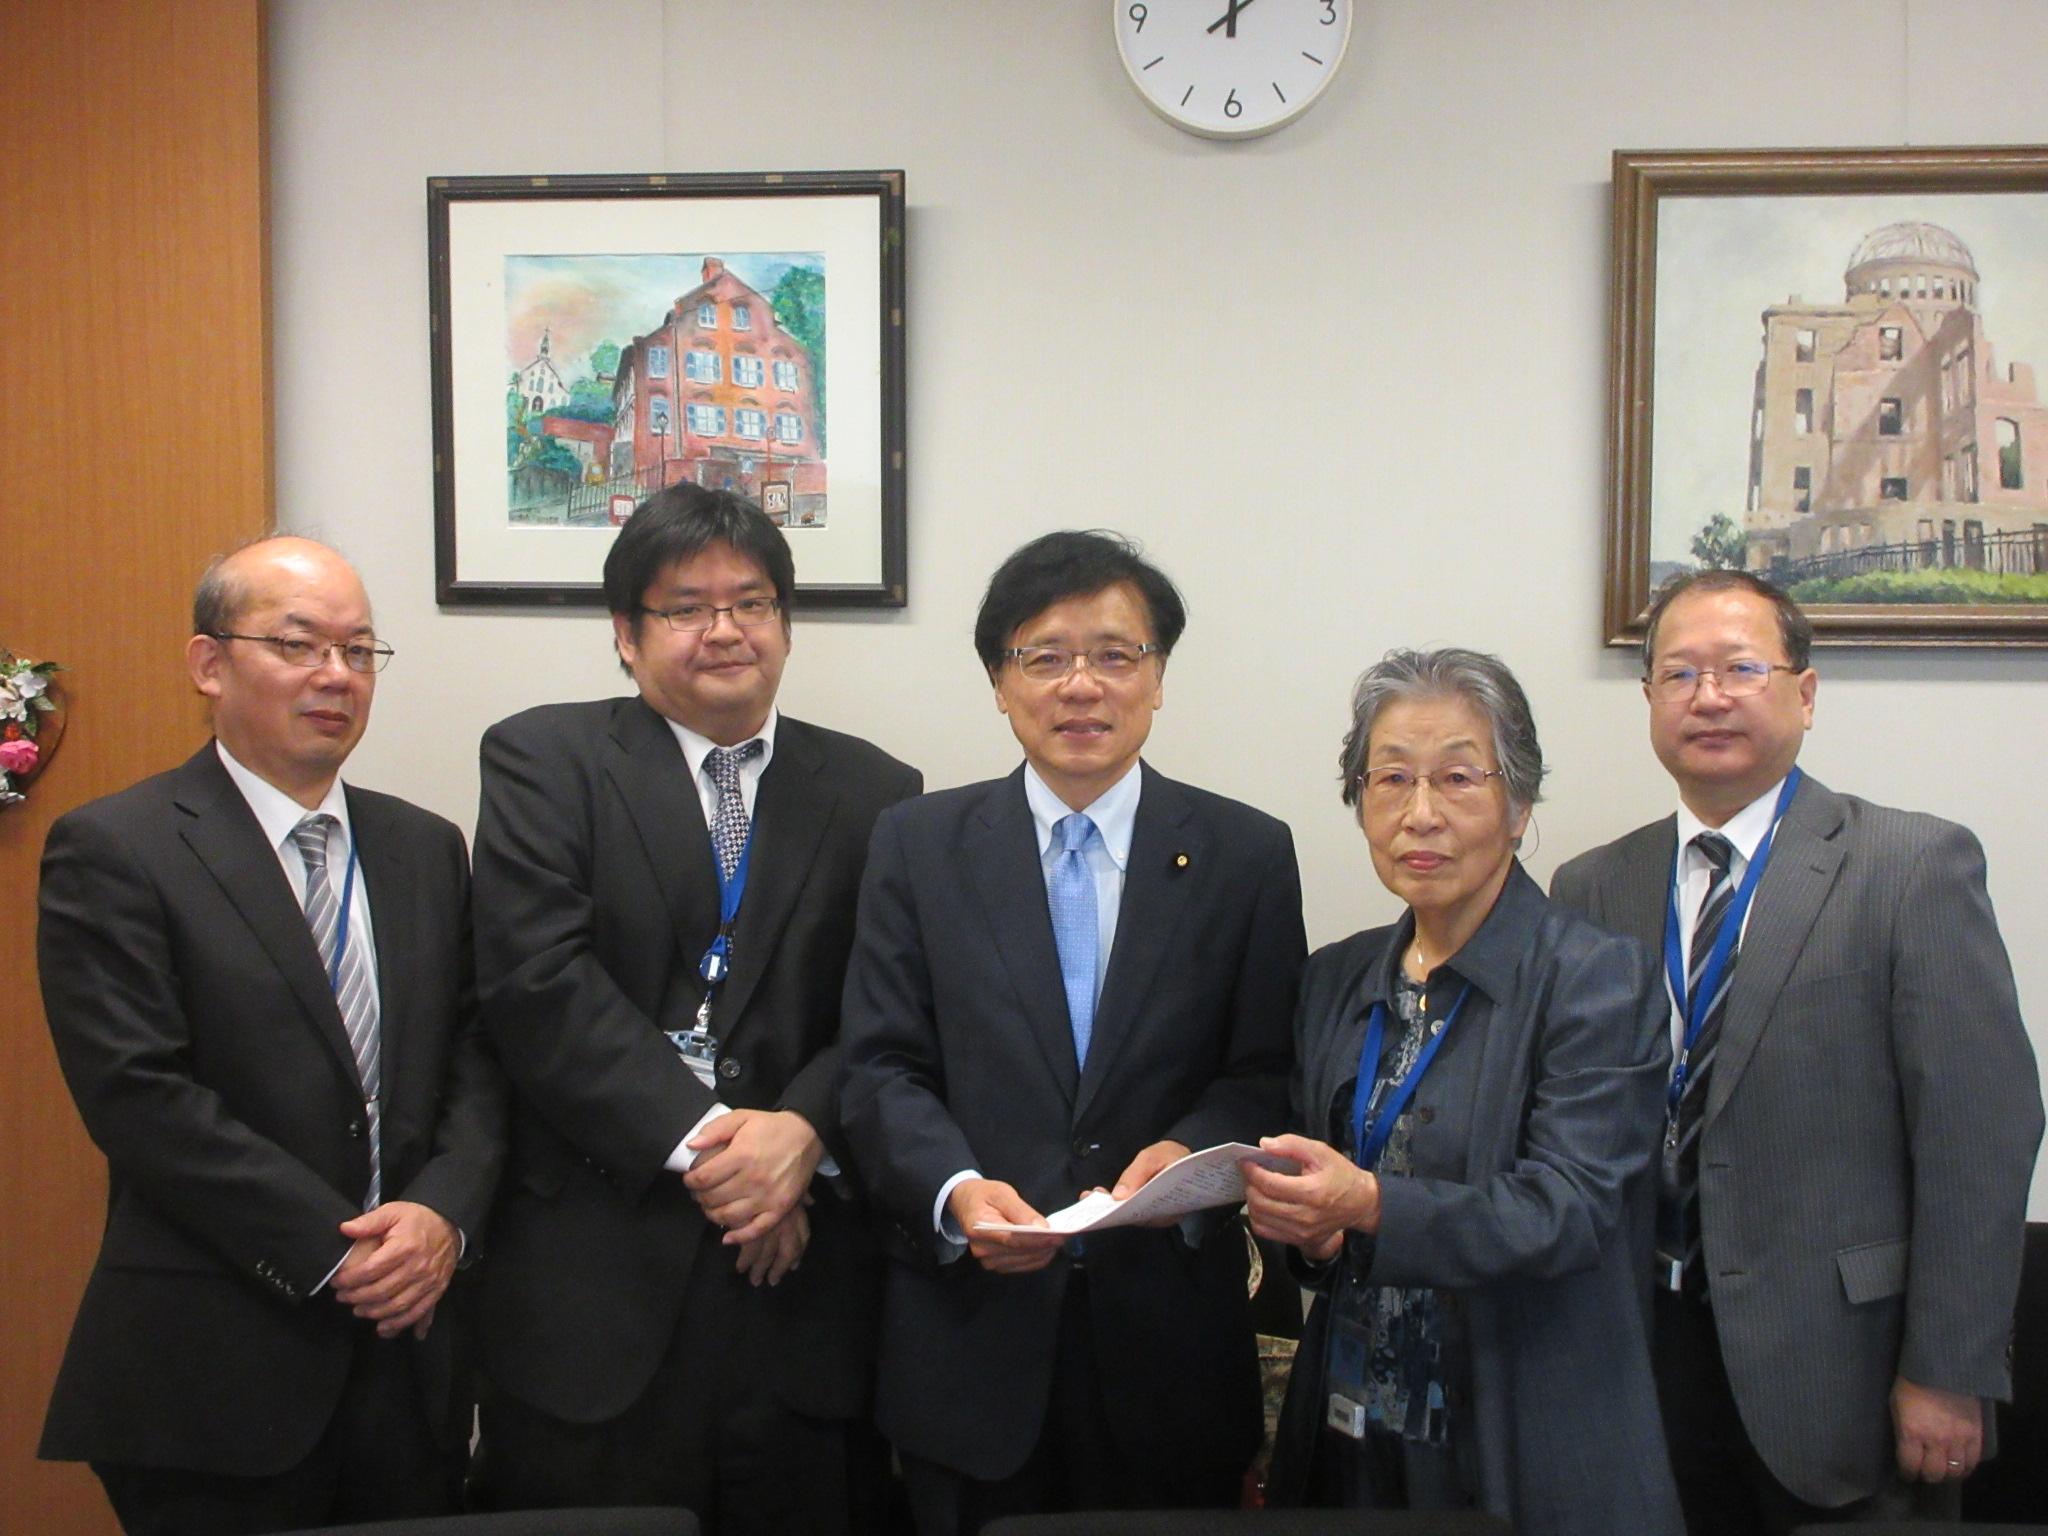 http://www.inoue-satoshi.com/diary/IMG_6602.JPG